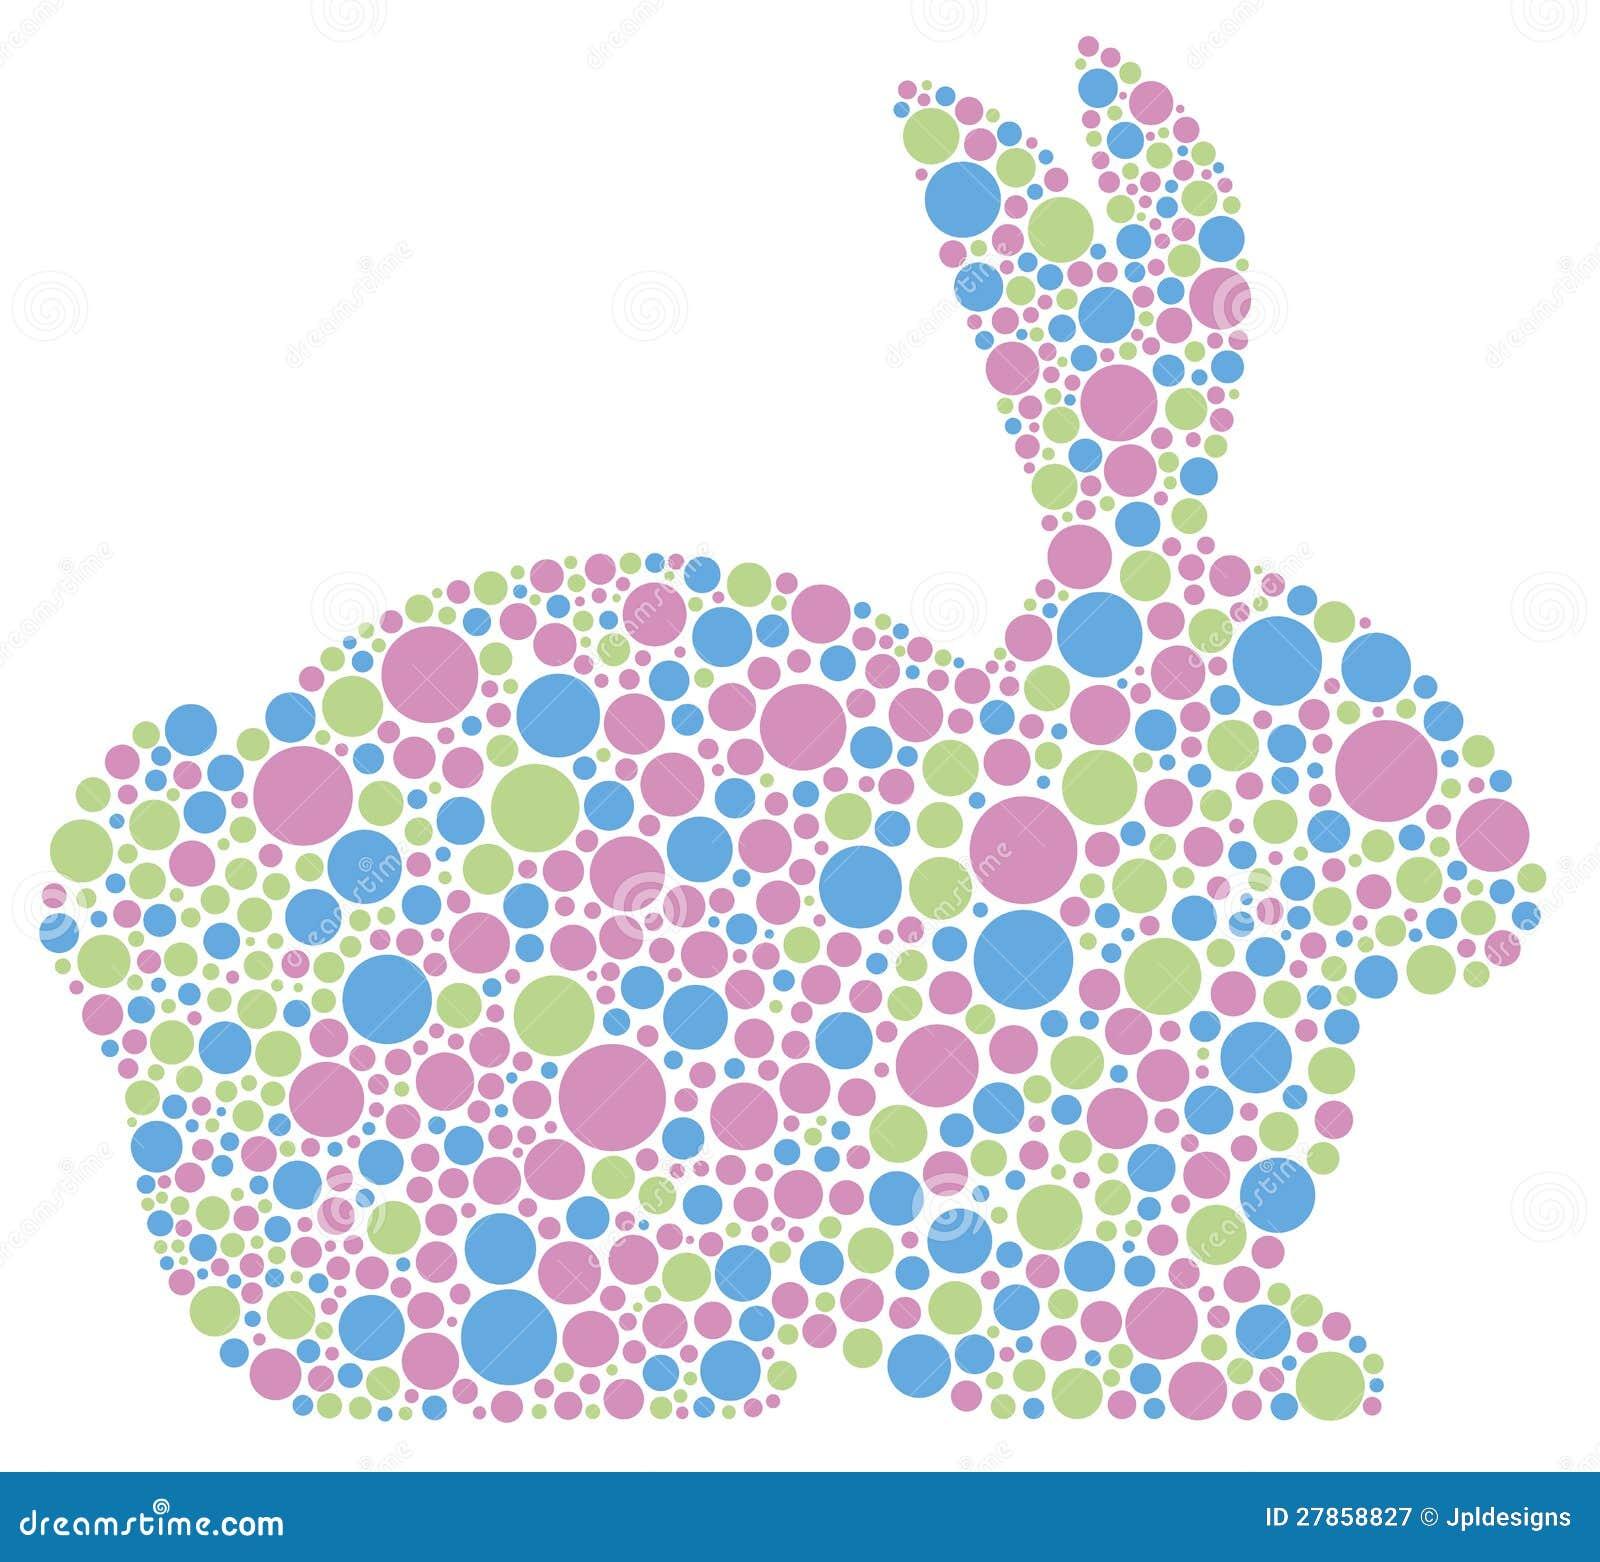 Conejo de conejito en puntos de polca en colores pastel